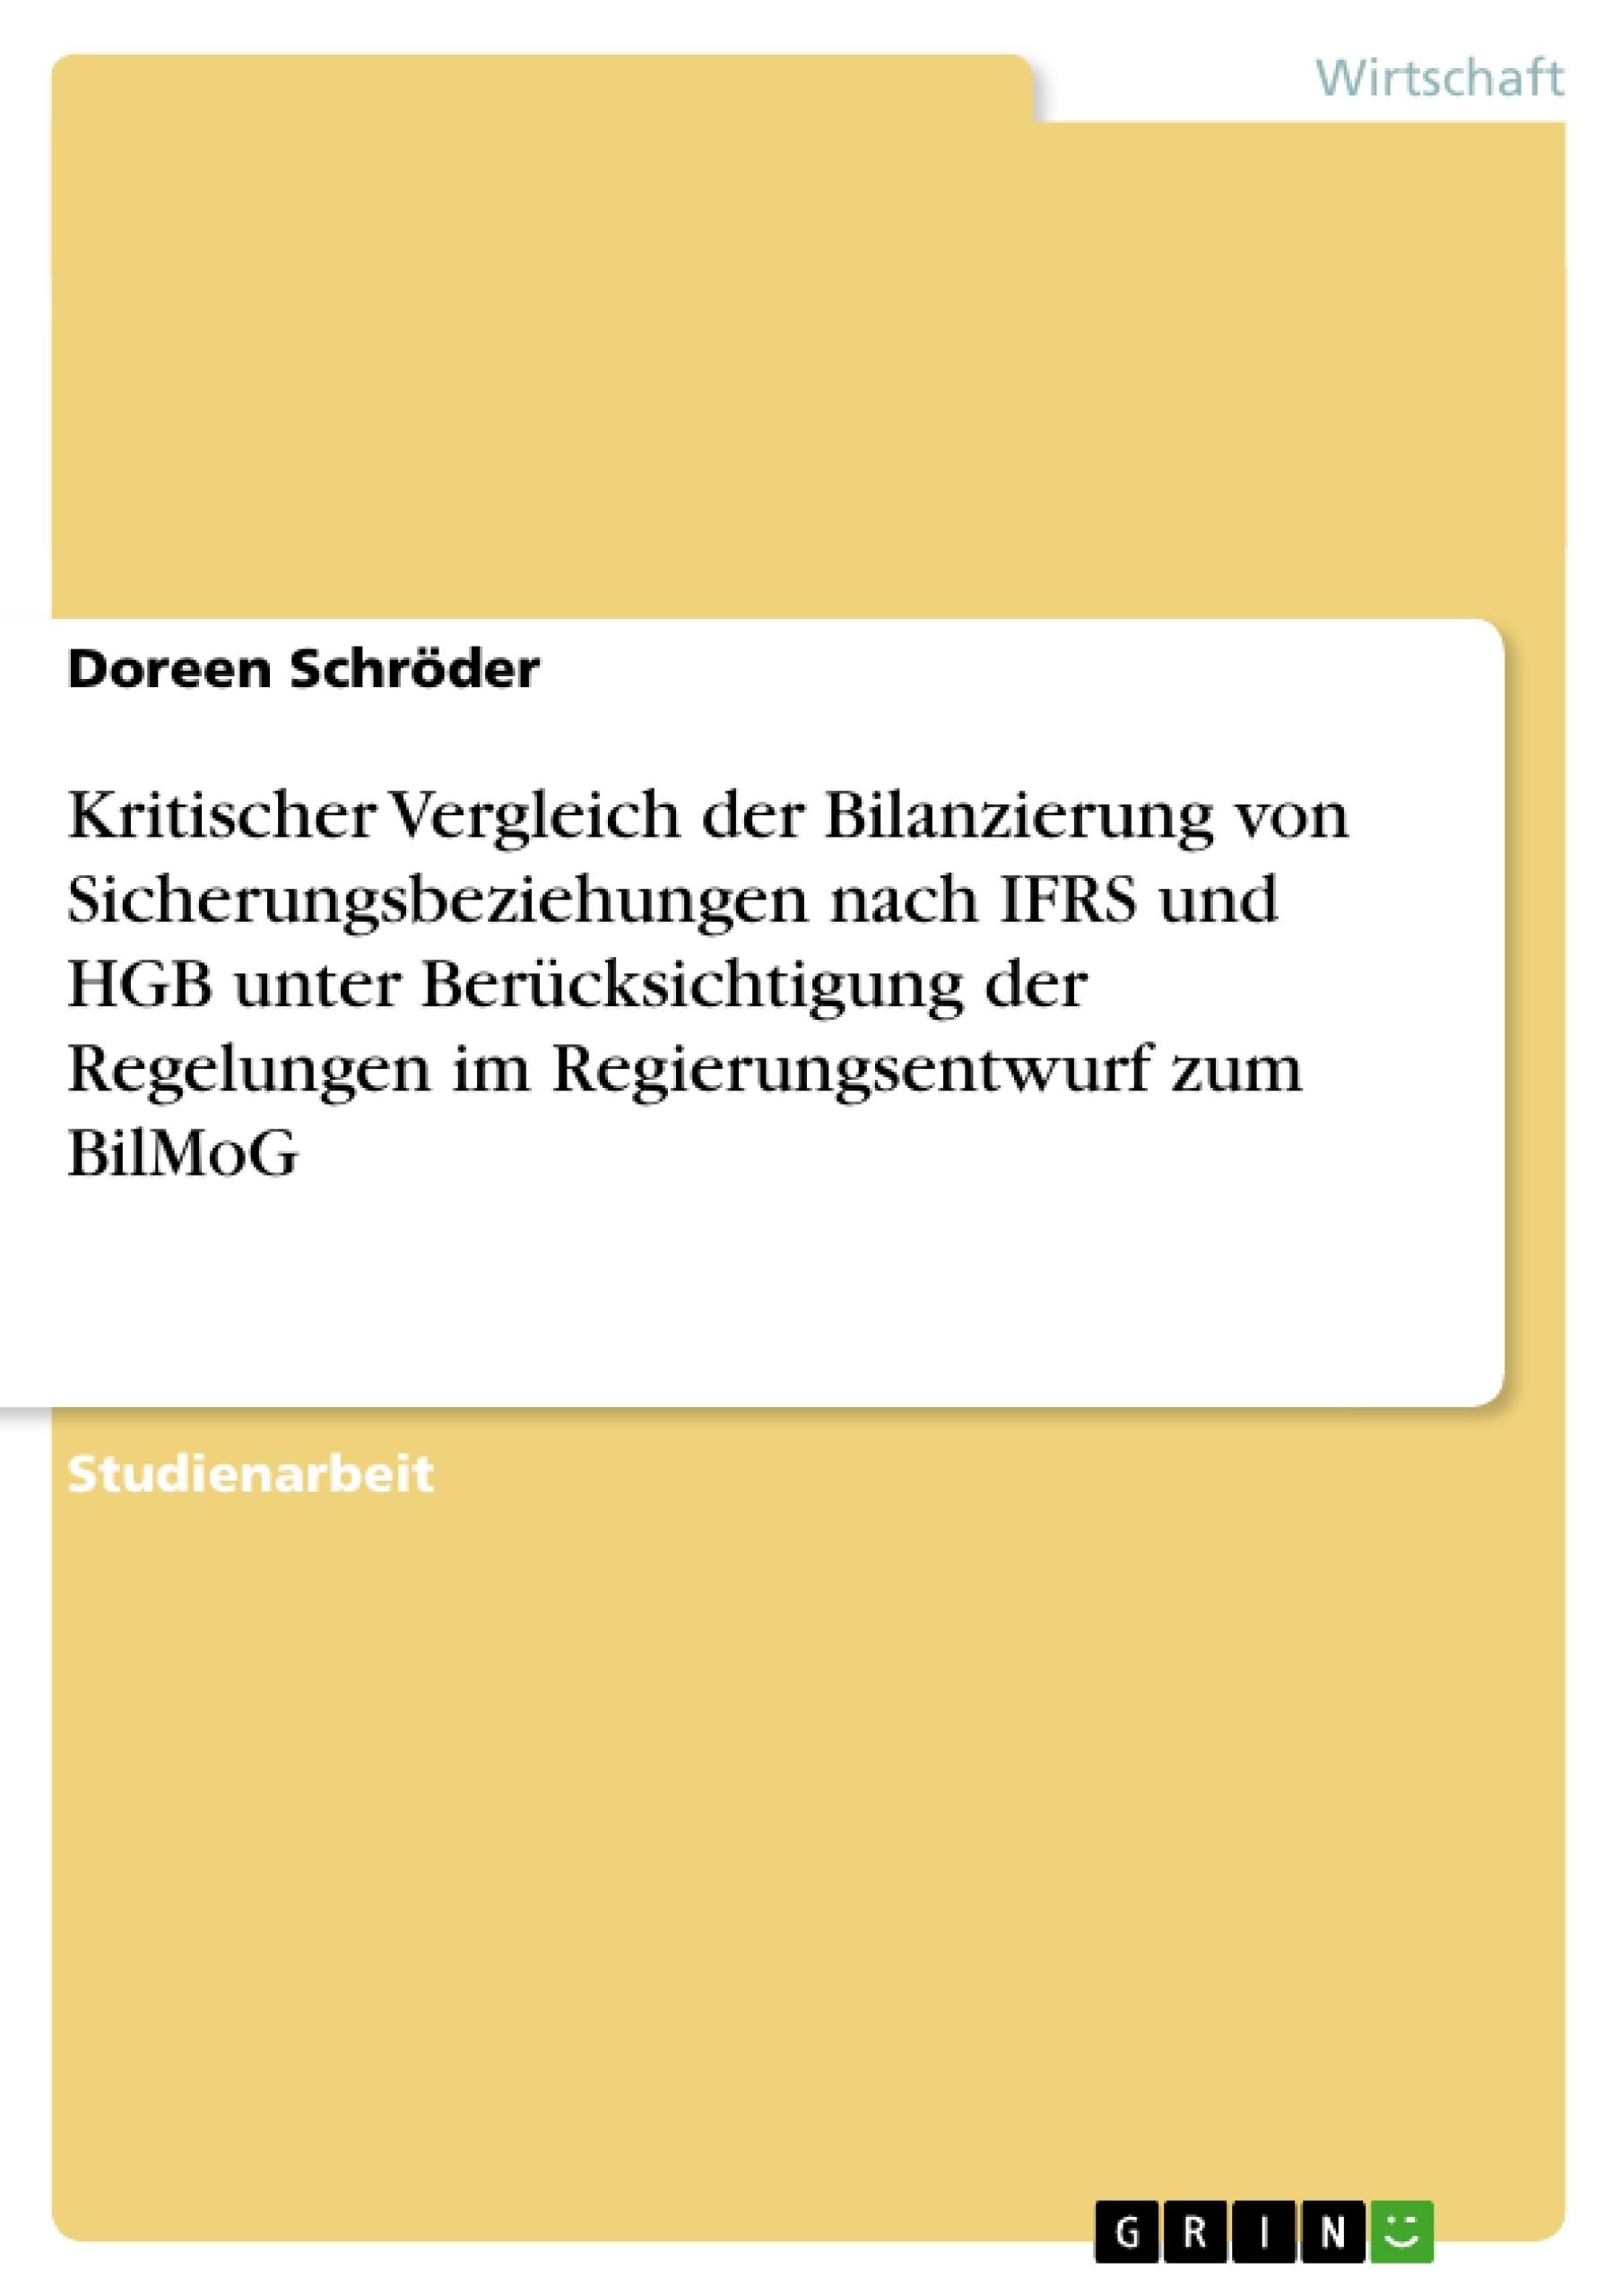 Titel: Kritischer Vergleich der Bilanzierung von Sicherungsbeziehungen nach IFRS und HGB unter Berücksichtigung der Regelungen im Regierungsentwurf zum BilMoG